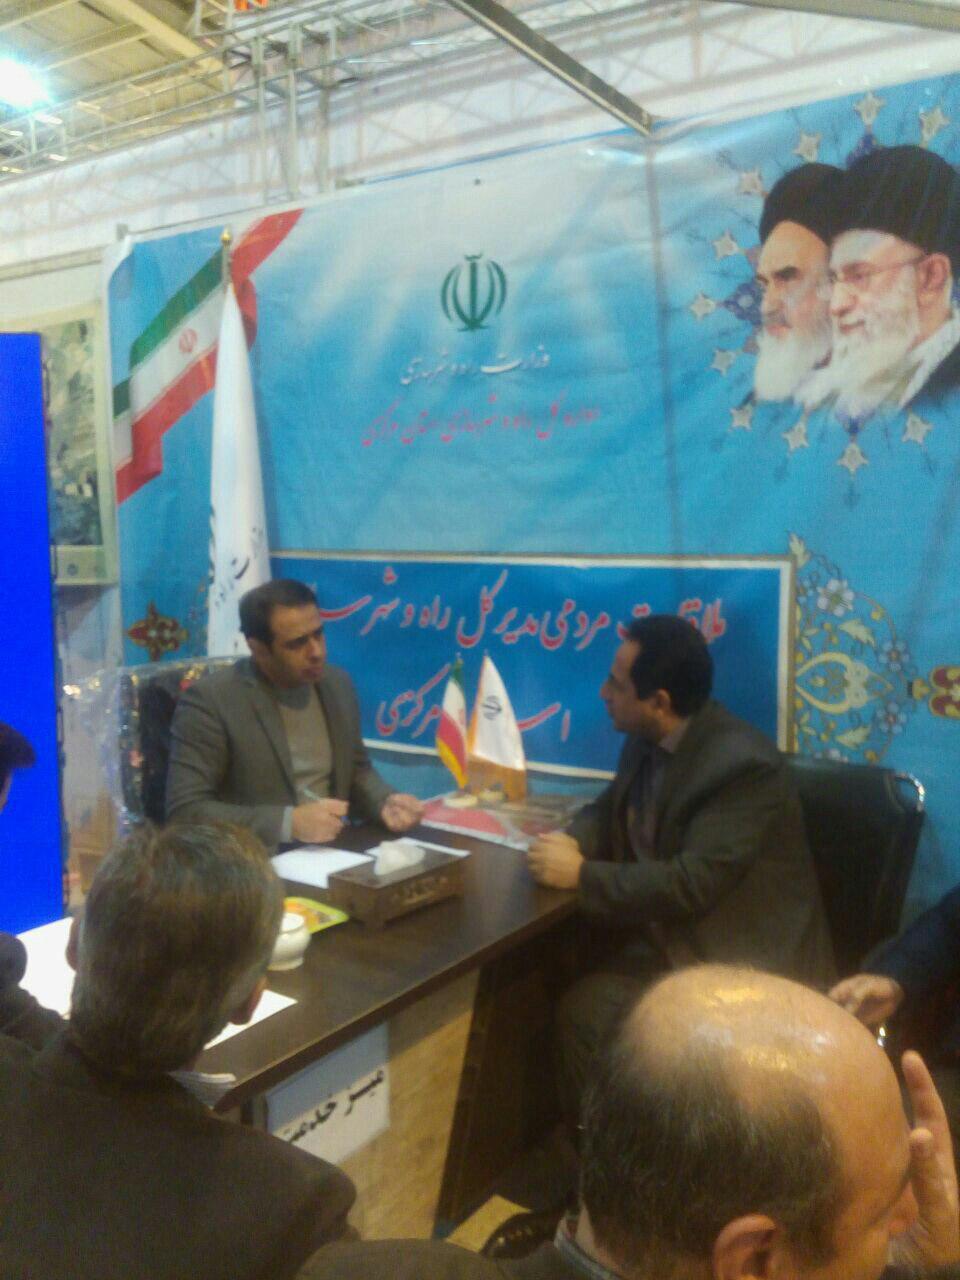 به گزارش روابط عمومی انجمن تلاشگران فراهان